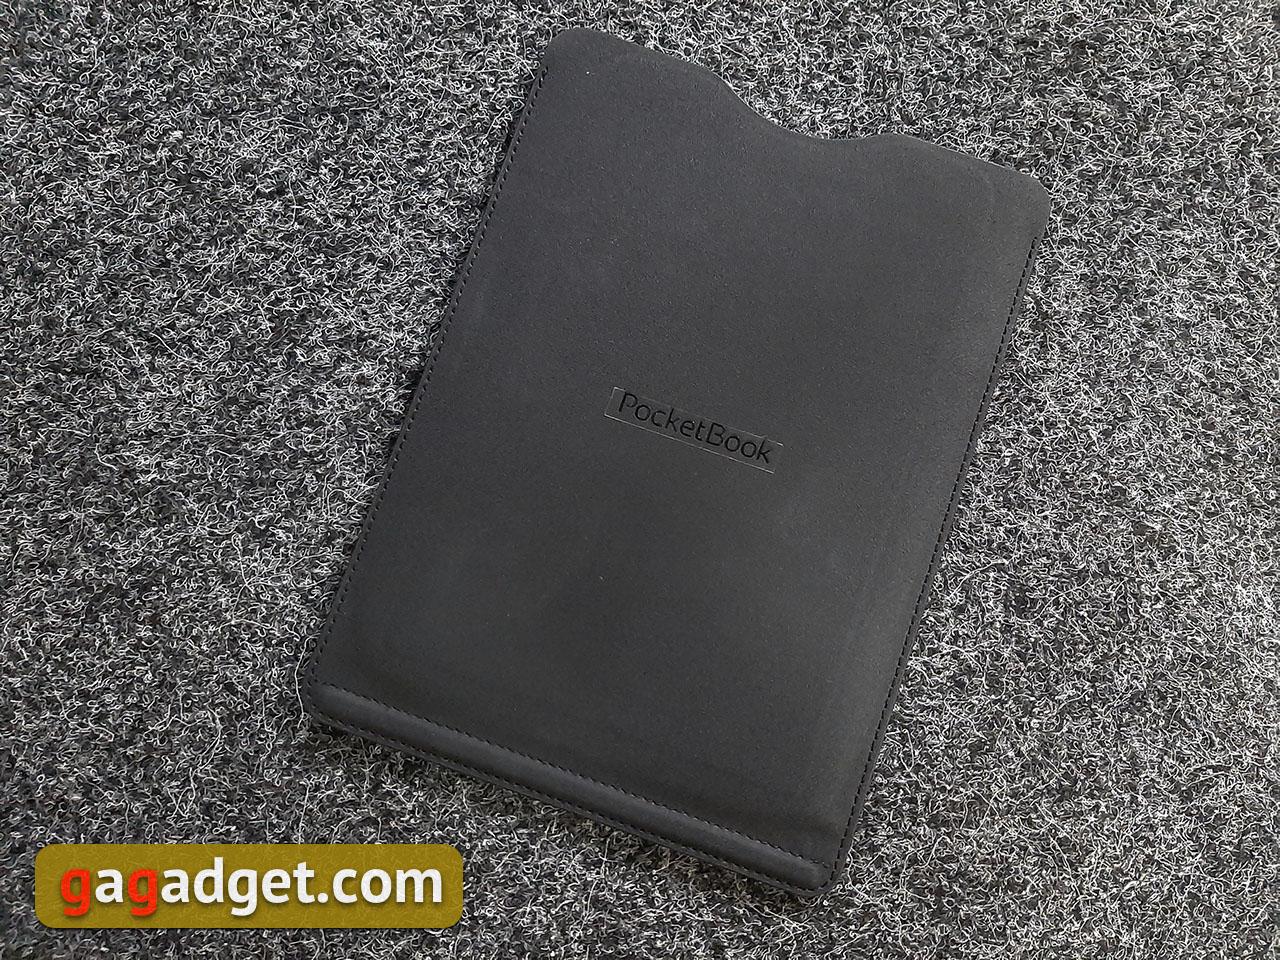 Обзор PocketBook InkPad 3 Pro: 16 оттенков серого на большом экране-11